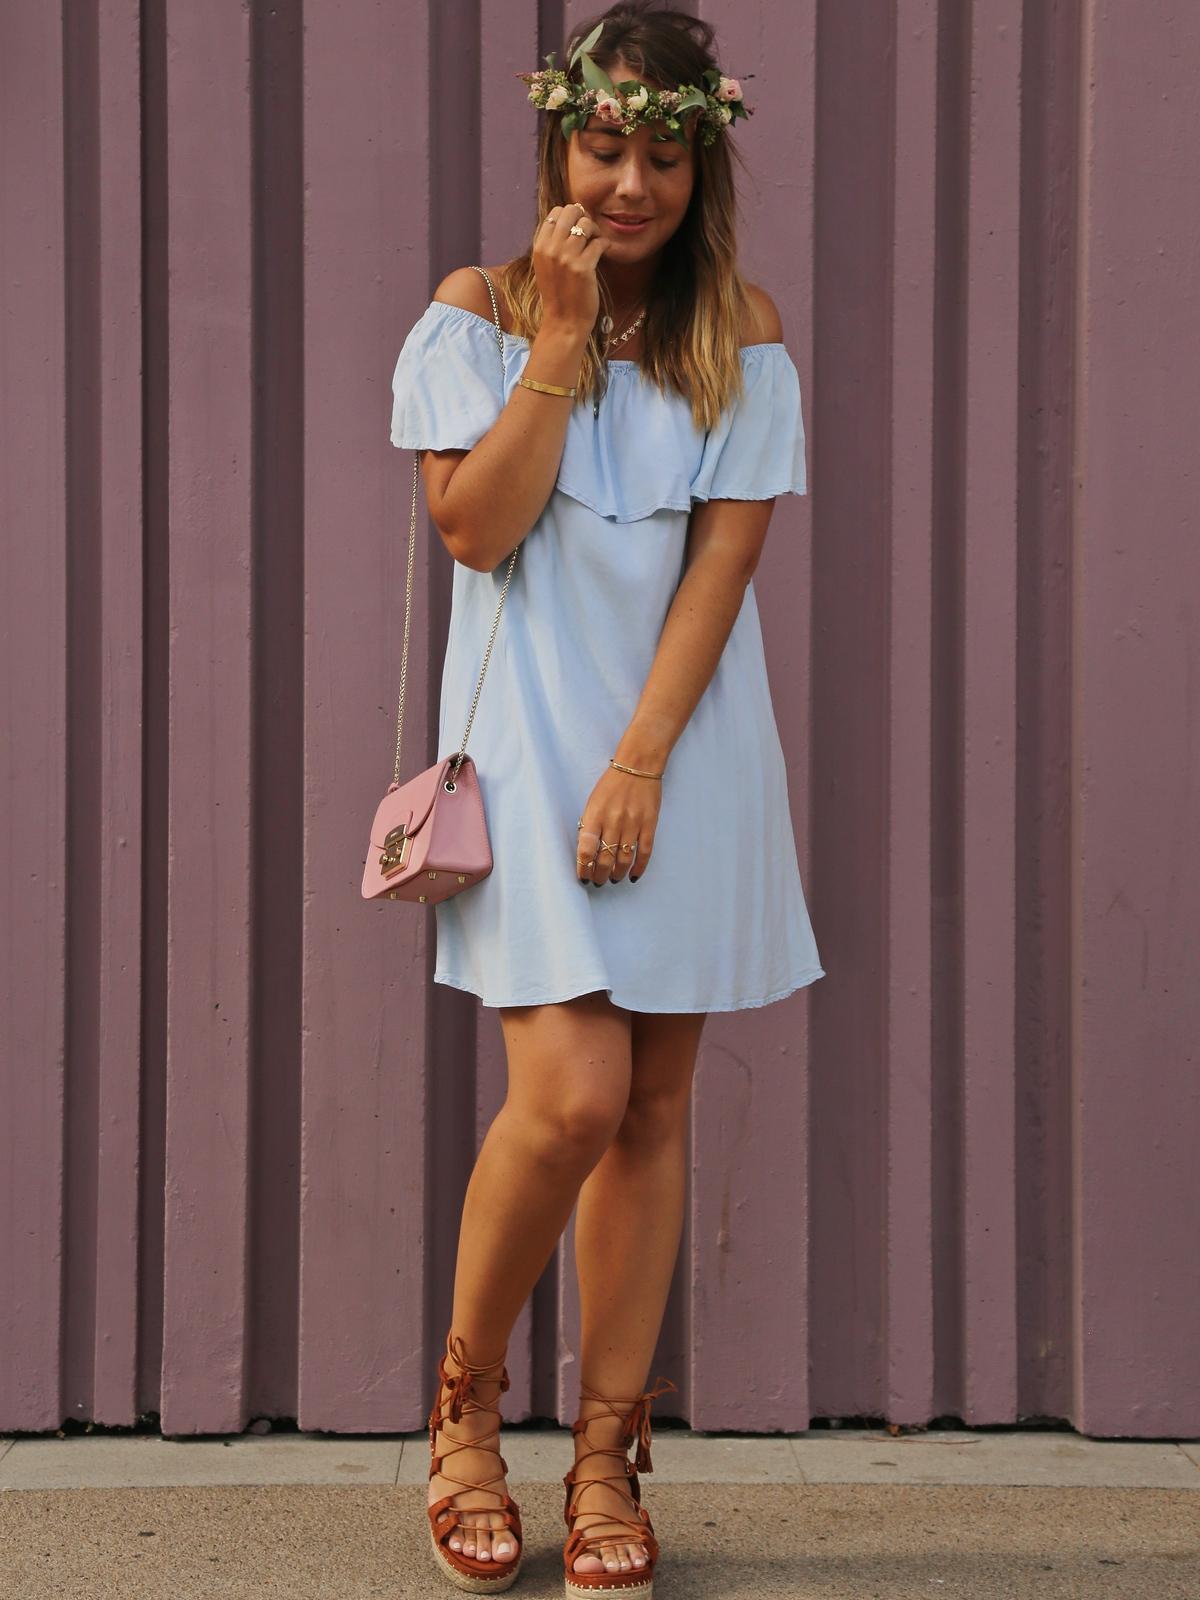 du style madame - mur violet baugrenelle - couronne de fleurs - blog mode